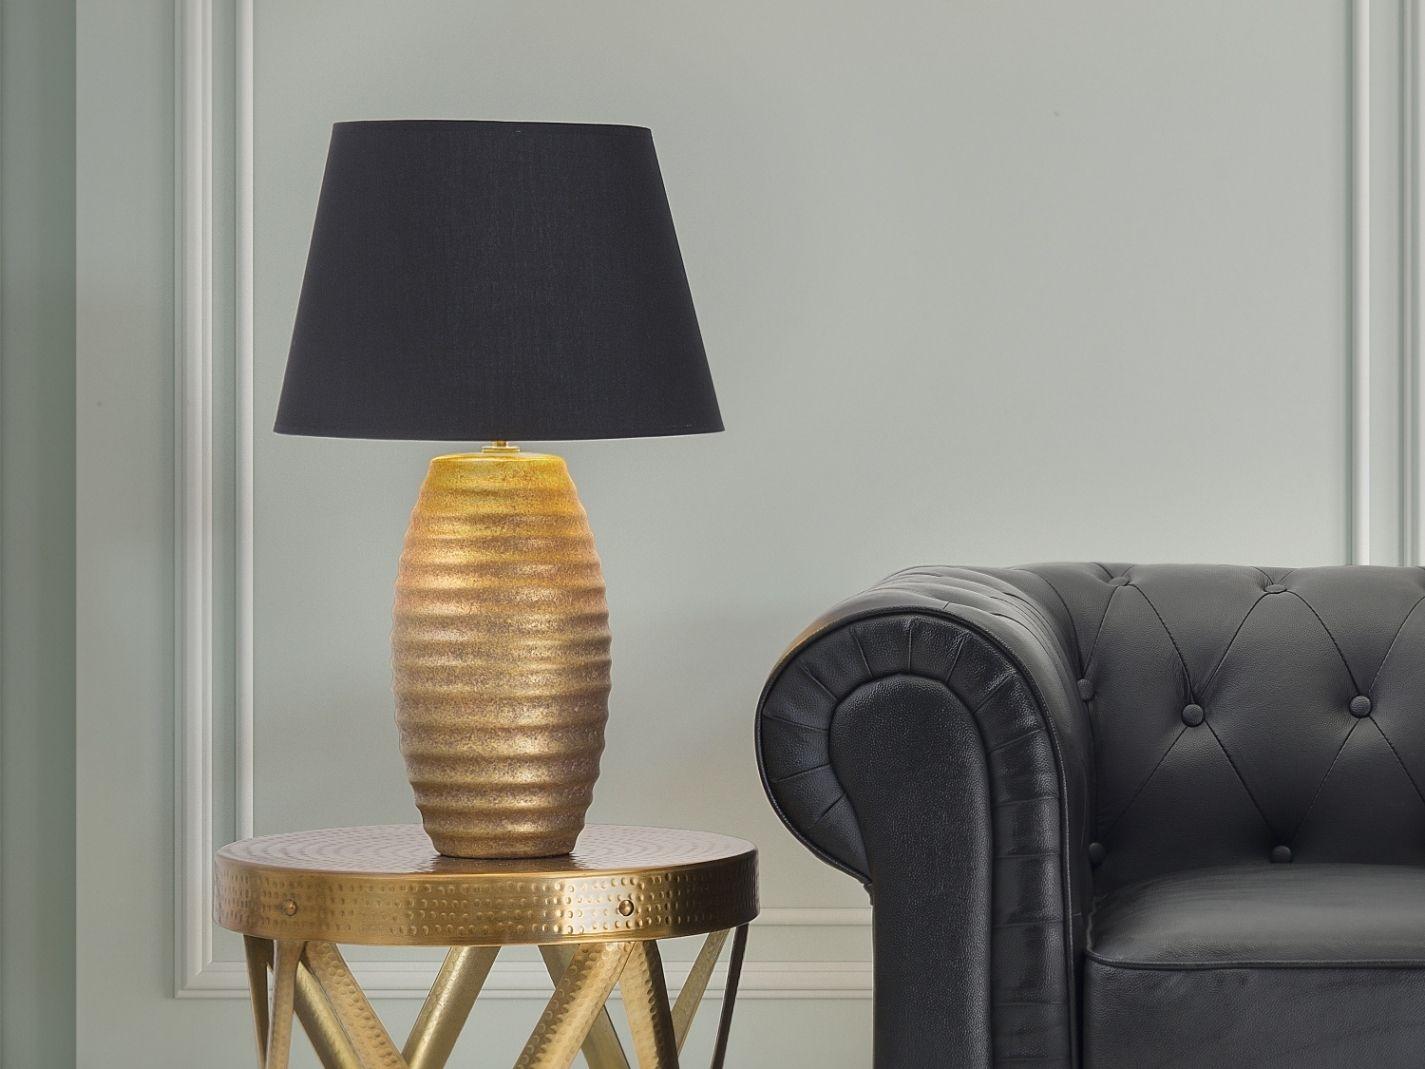 Wohnzimmer Lampe ~ 95 best wohnzimmer lampen images on pinterest sitting rooms